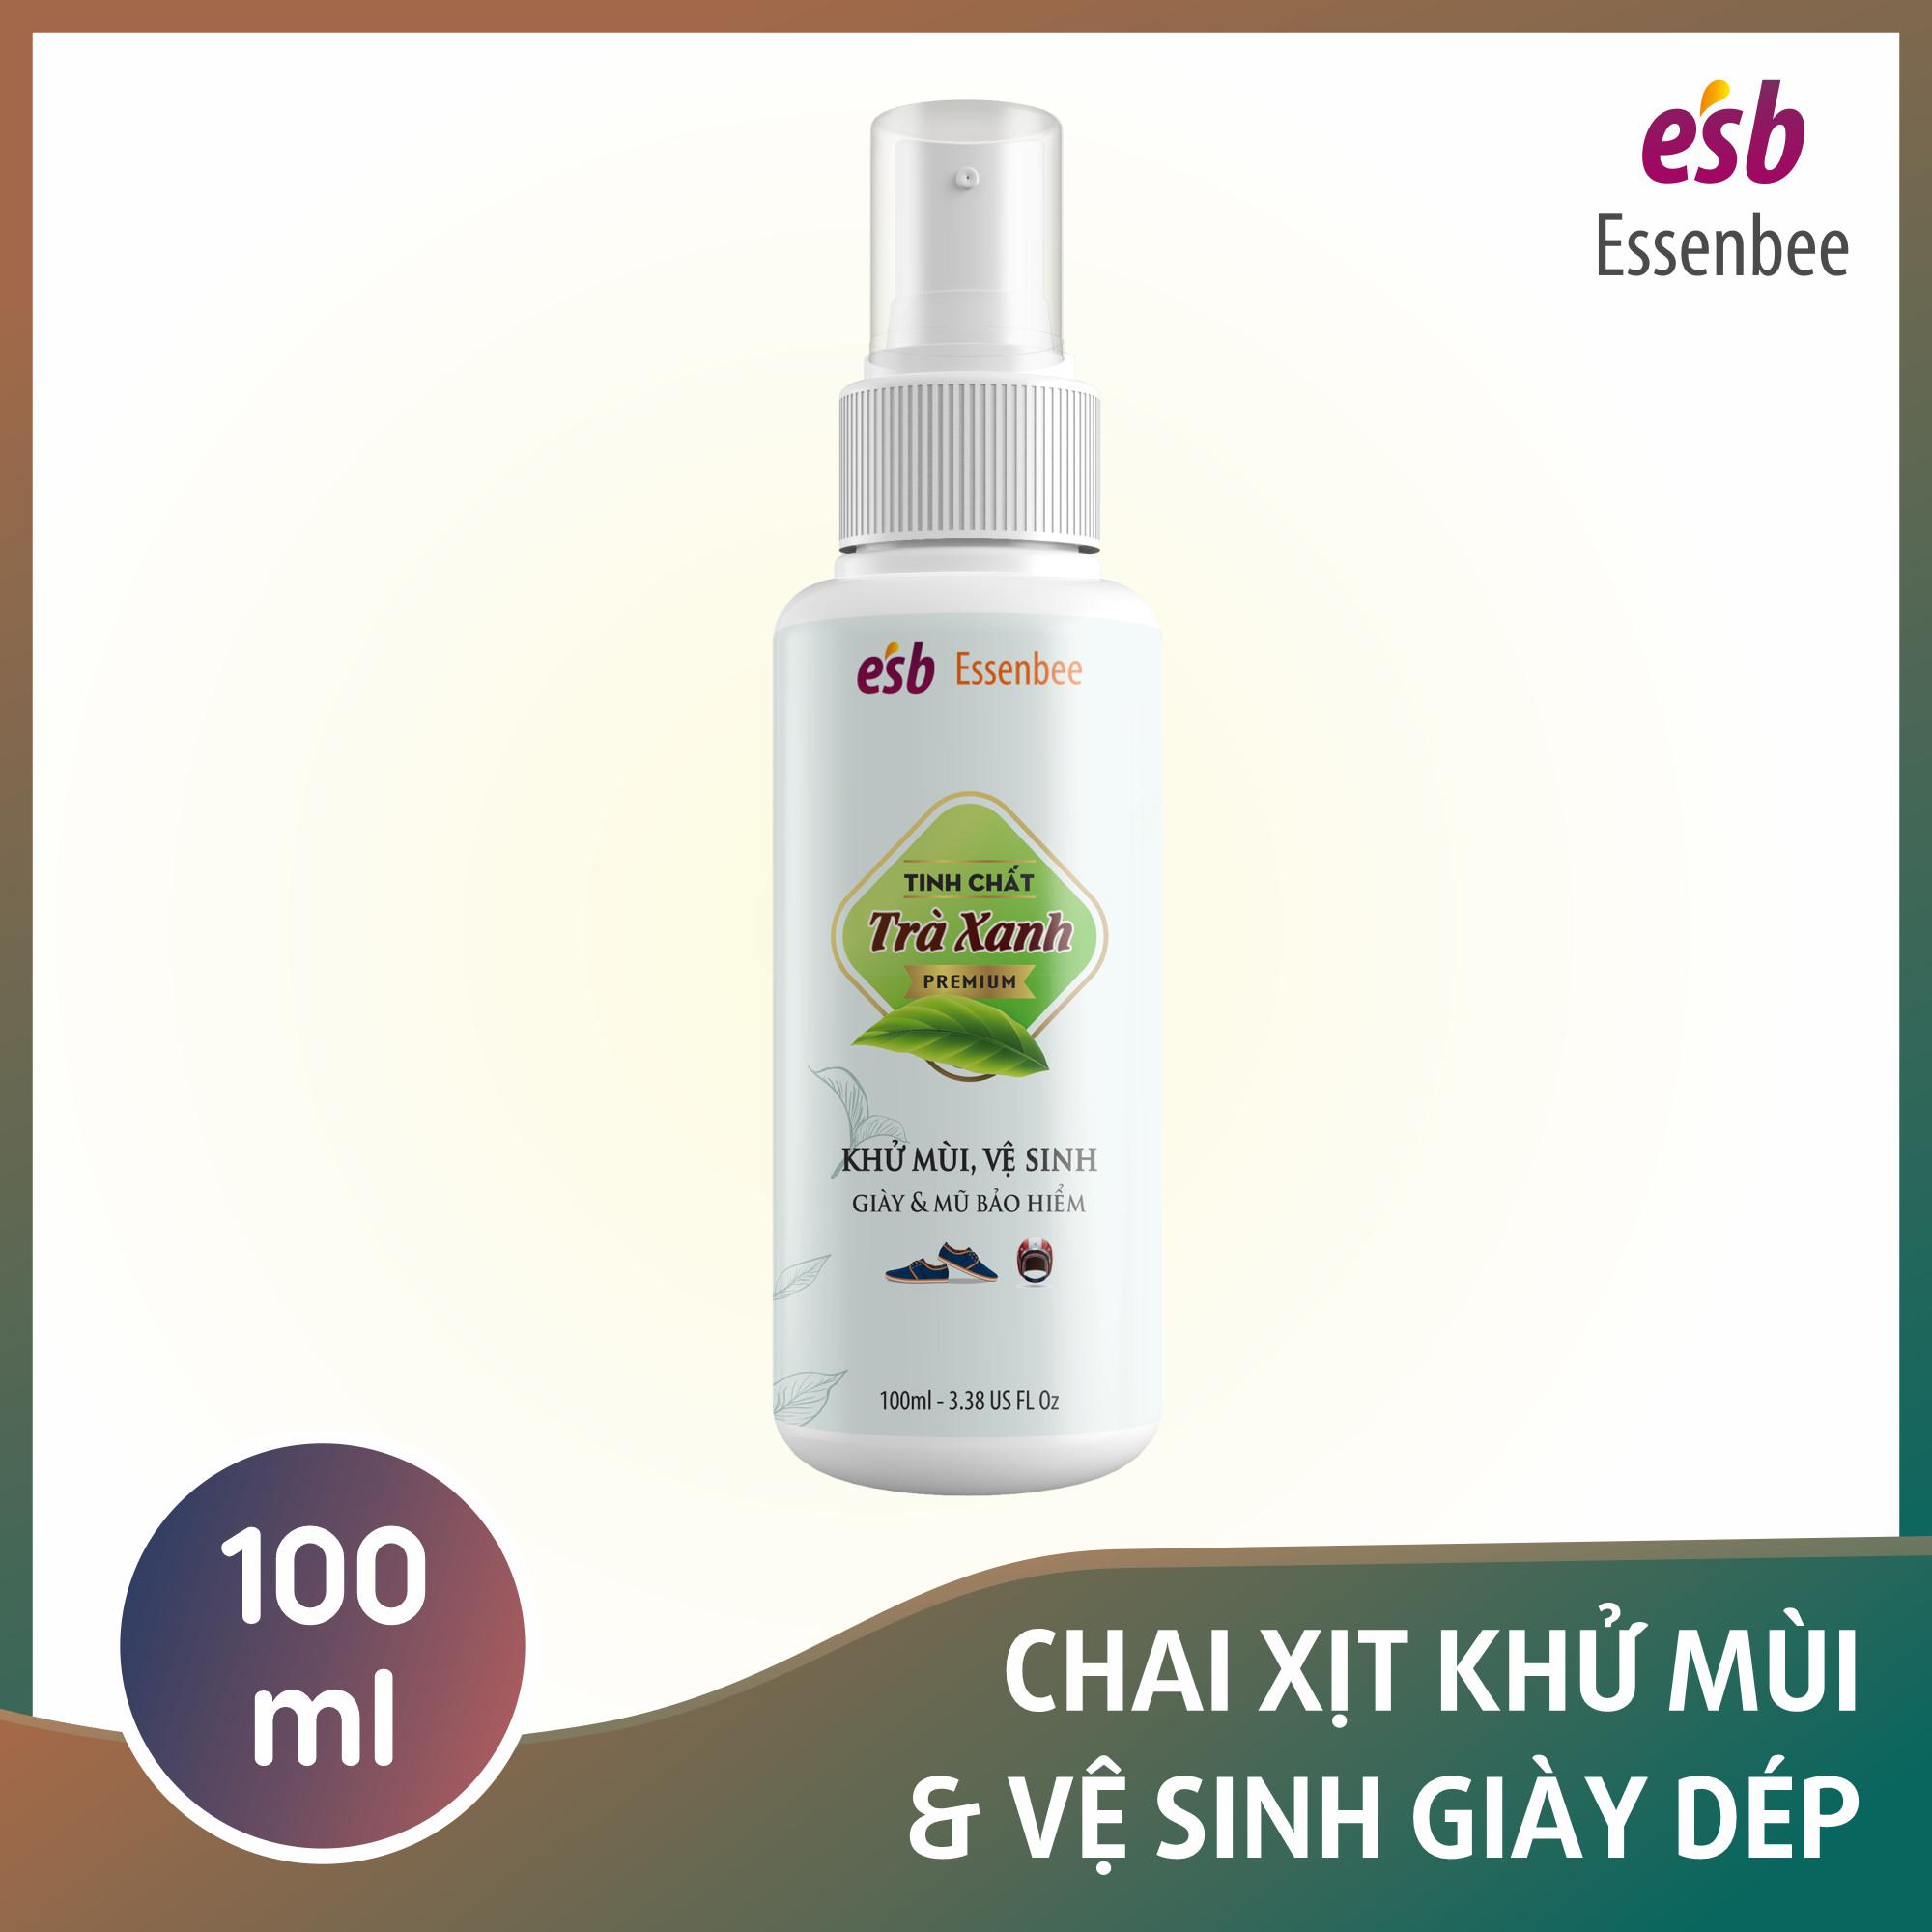 Chai xịt khử mùi giày Hương Trà Xanh - Essenbee - 100ml. Giúp vệ sinh và khử mùi giày dép hiệu quả.